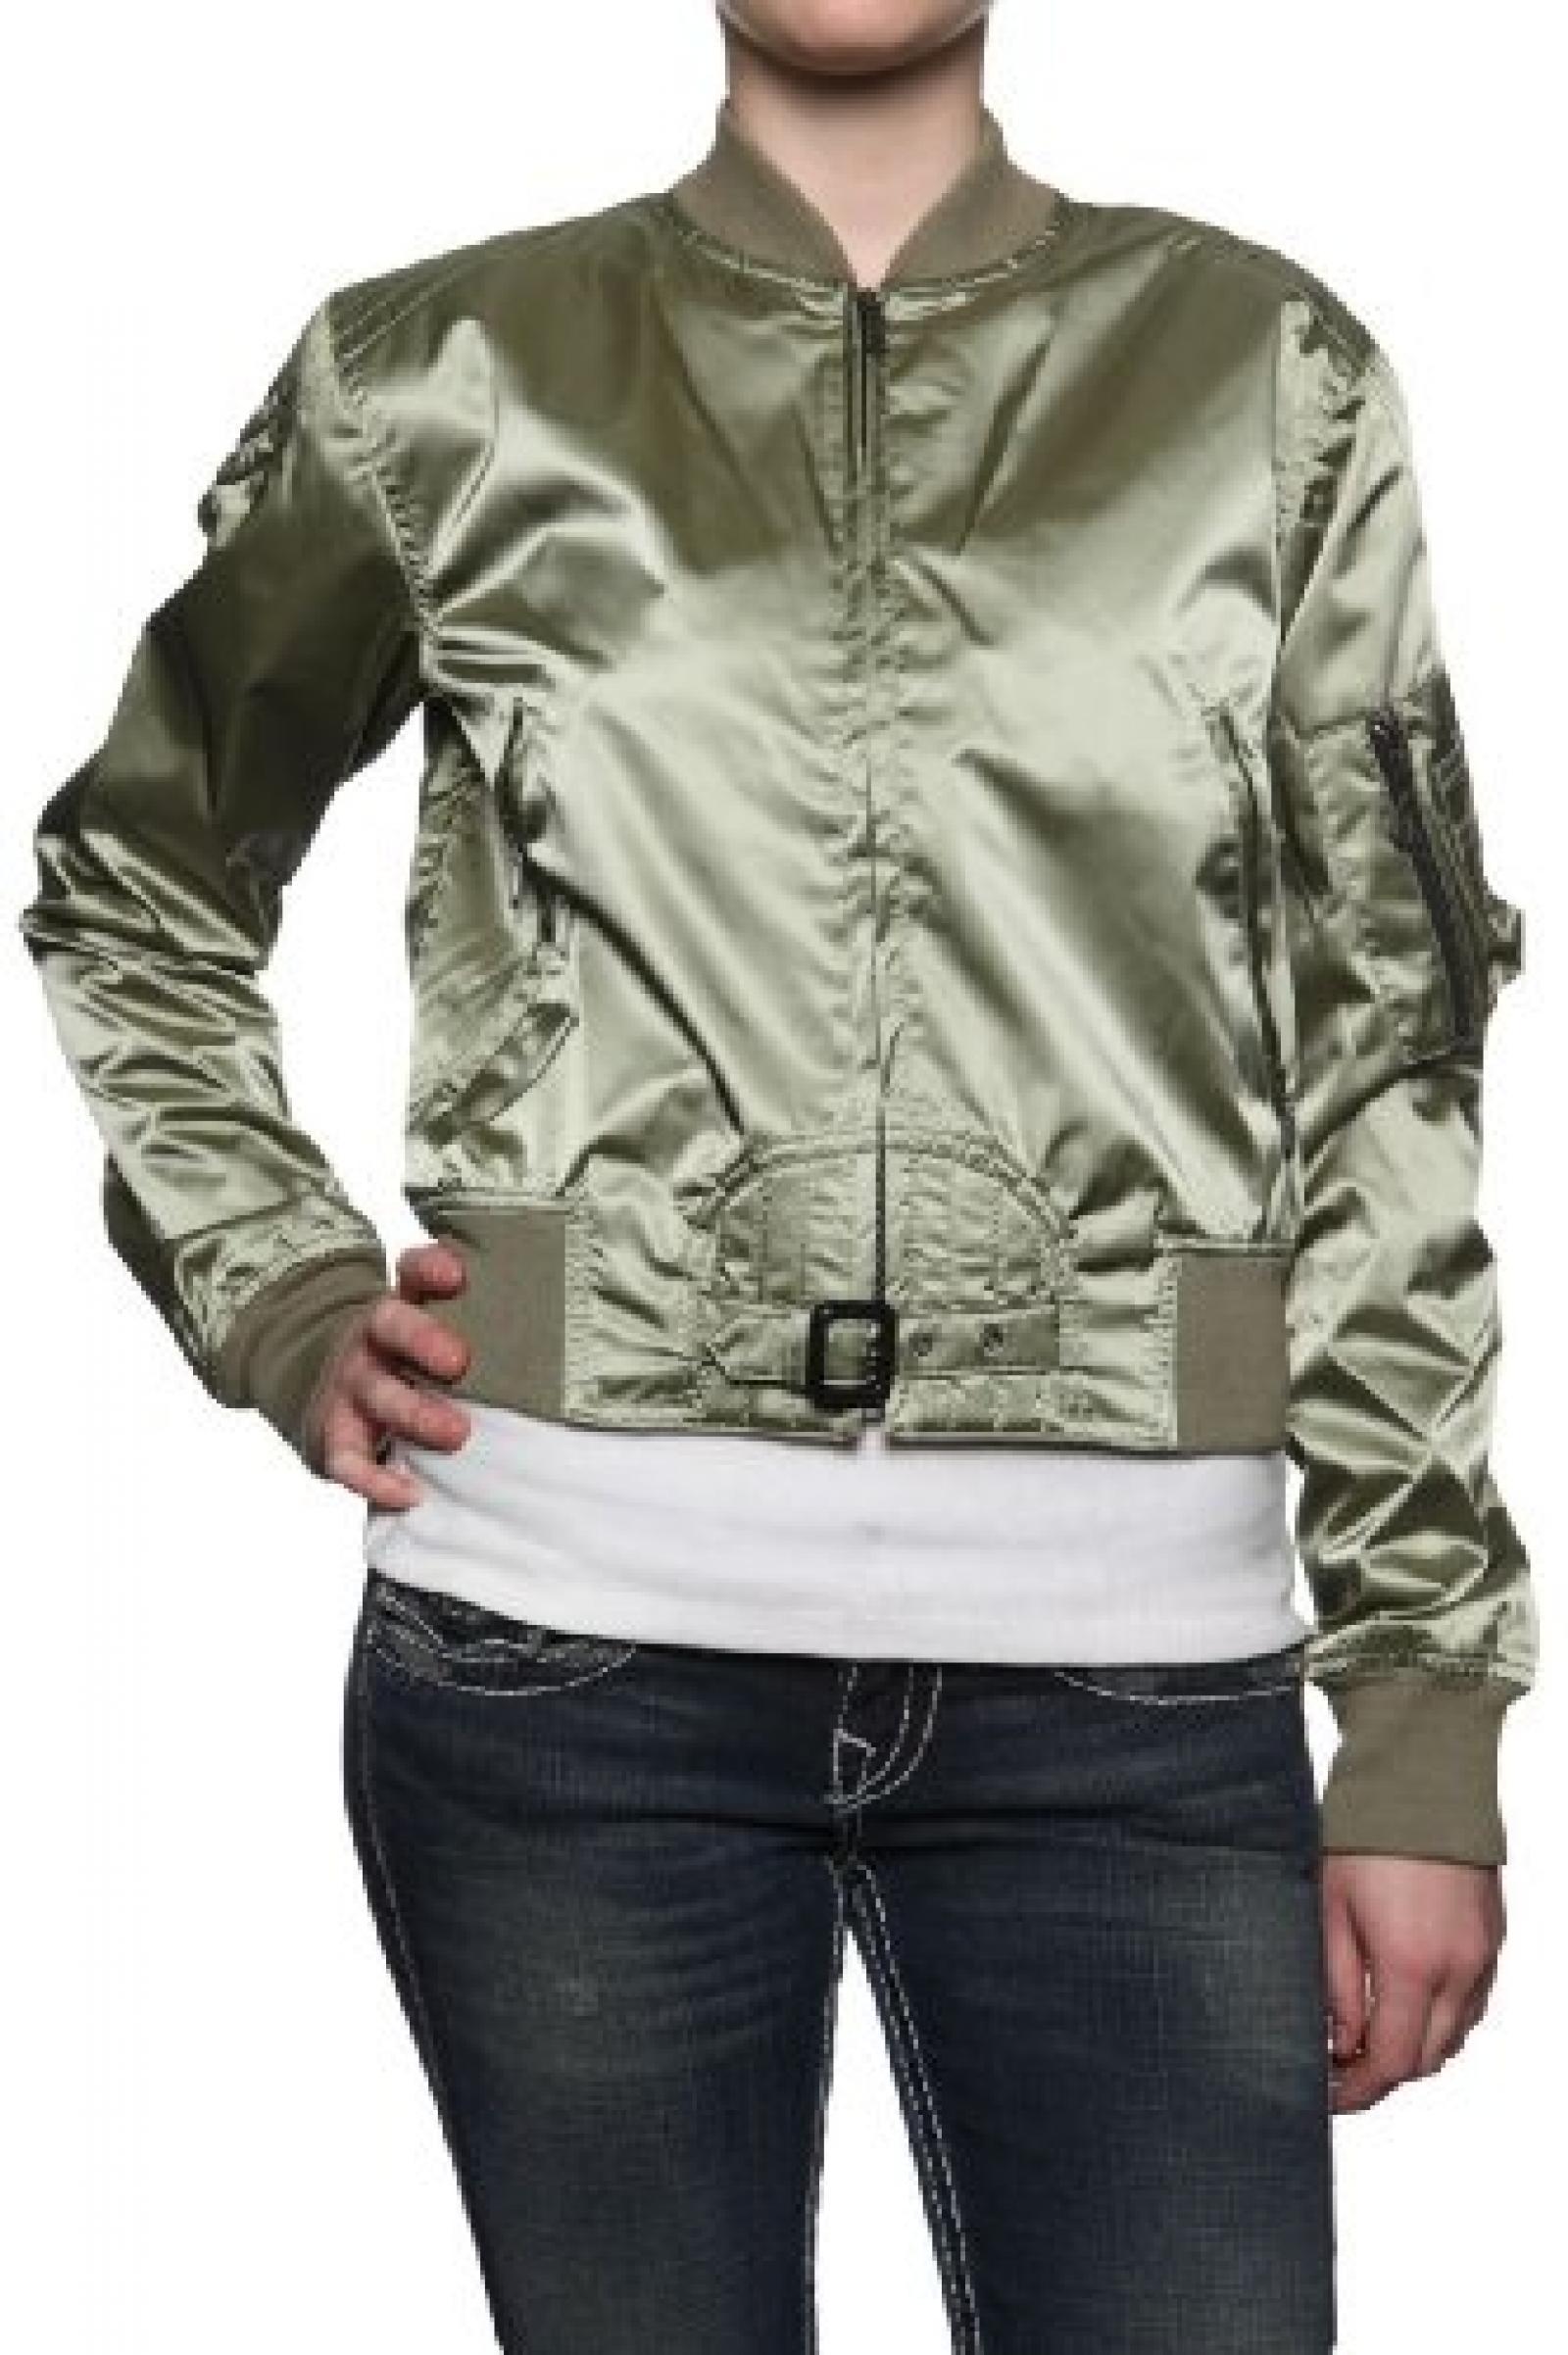 Belstaff Black Label Damen Jacke Blouson-Jacke SOLDIER, Farbe: Olivgruen